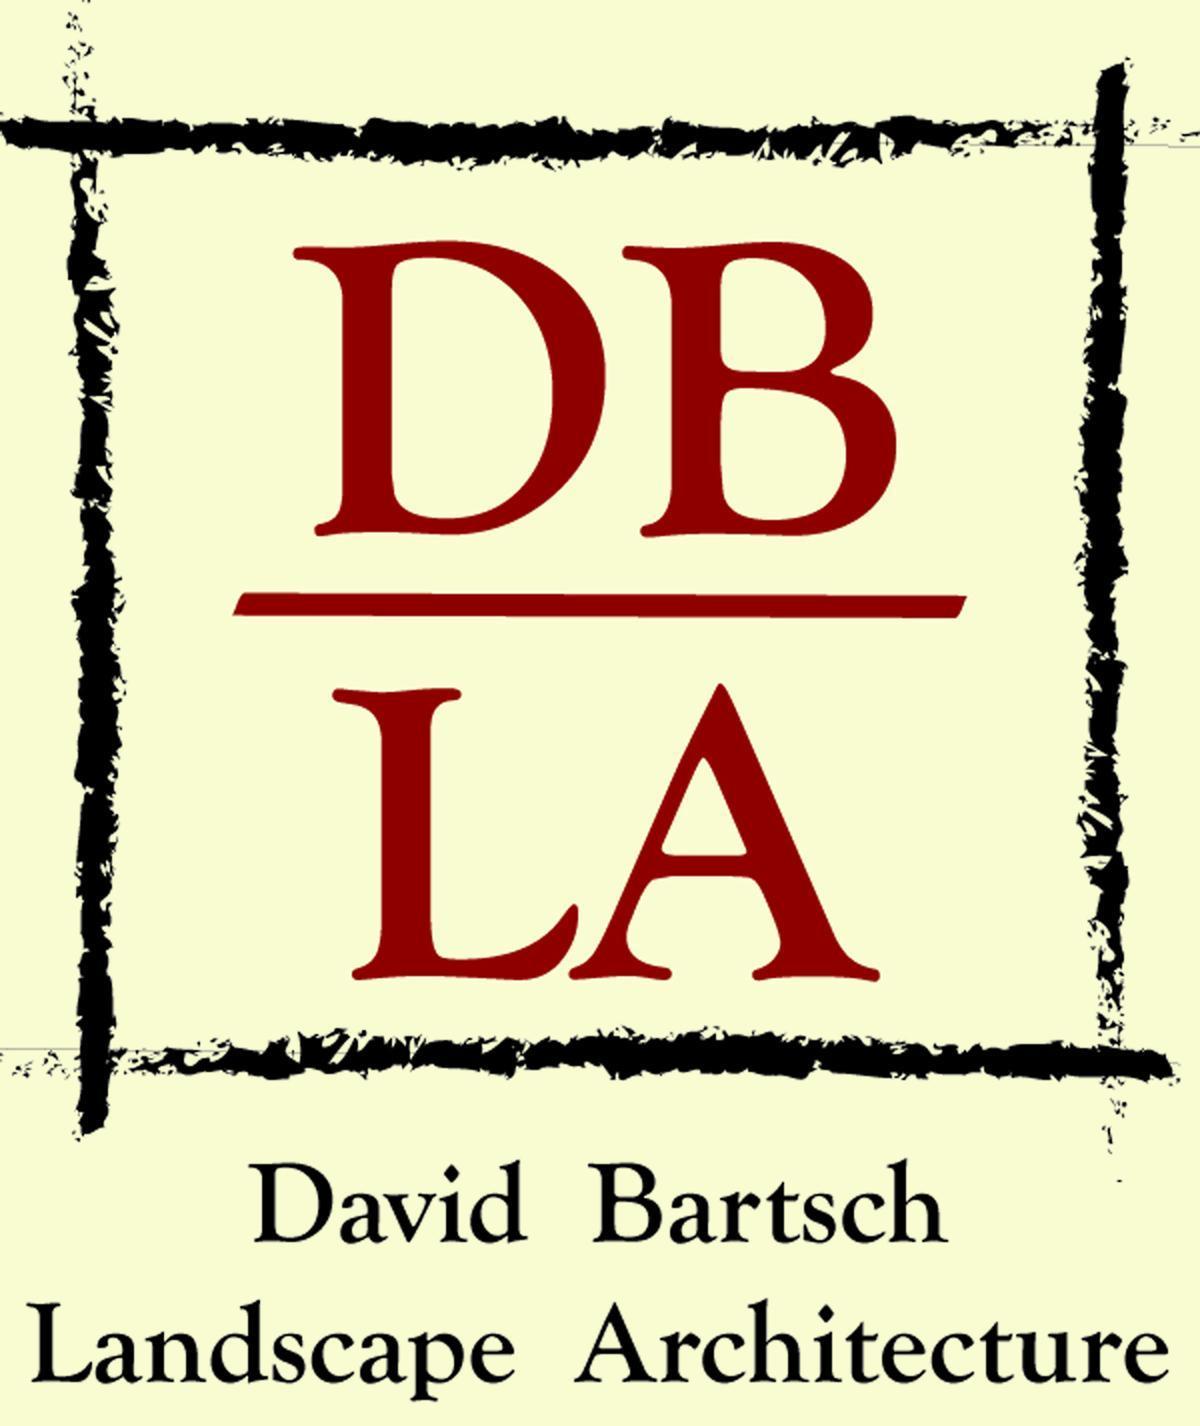 David Bartsch Landscape Architecture LLC Logo